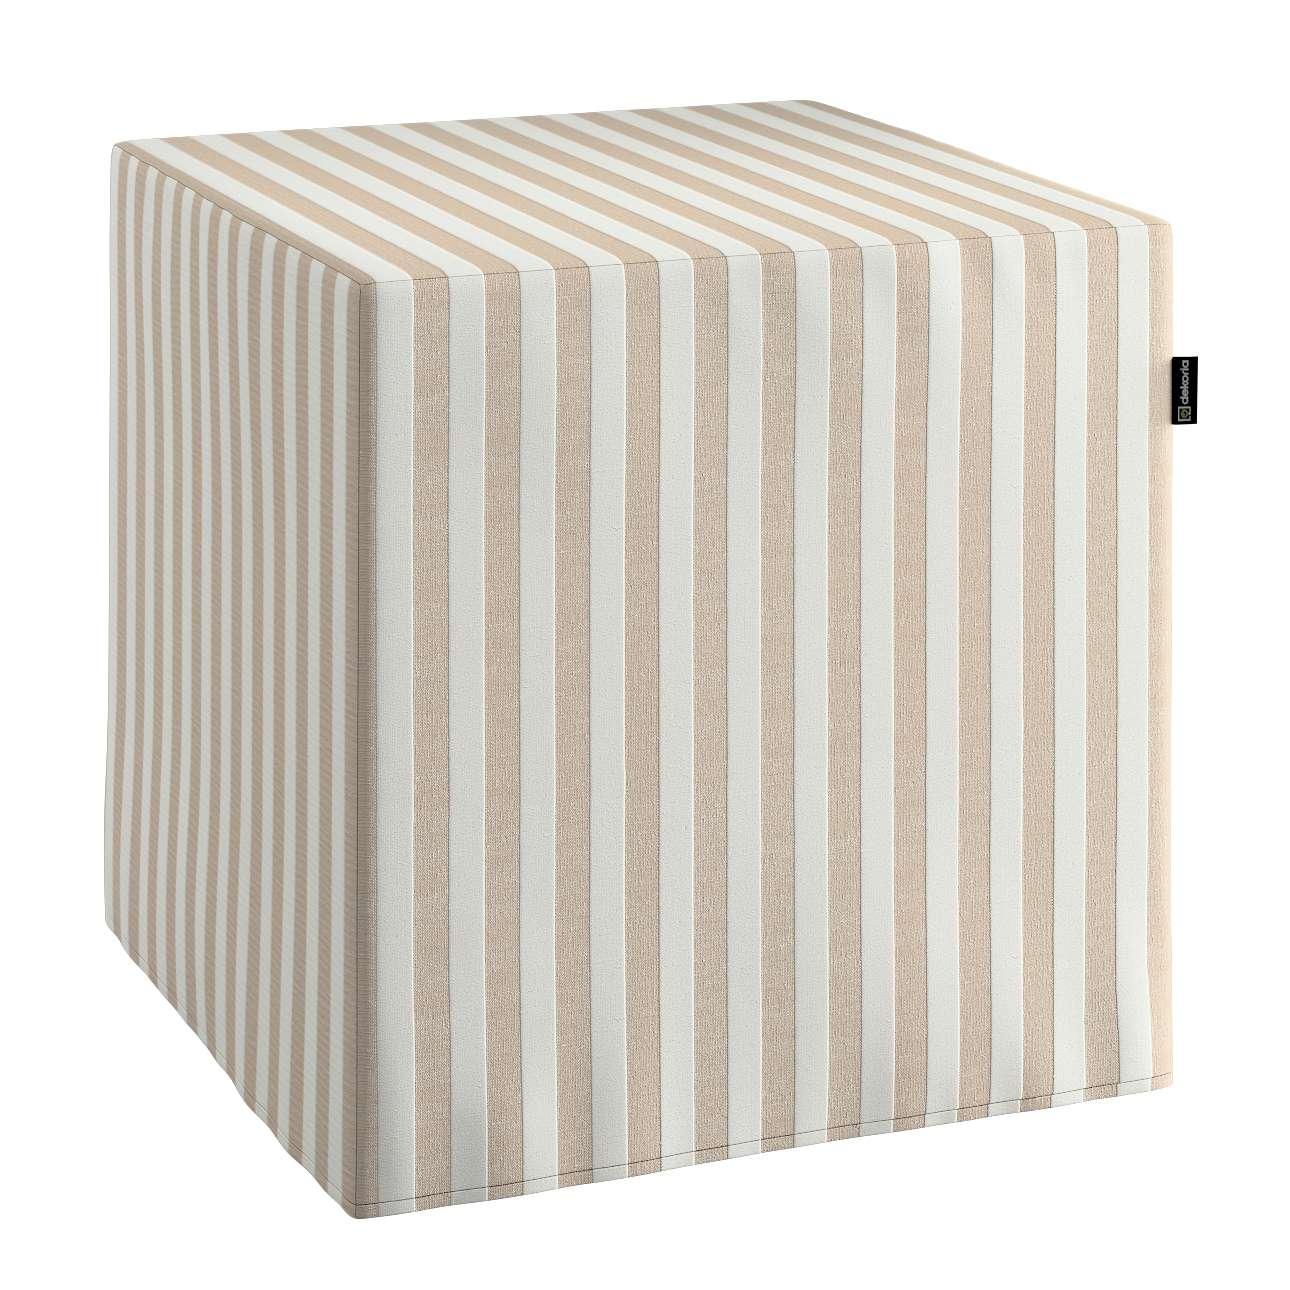 Harter Sitzwürfel 40 x 40 x 40 cm von der Kollektion Quadro, Stoff: 136-07